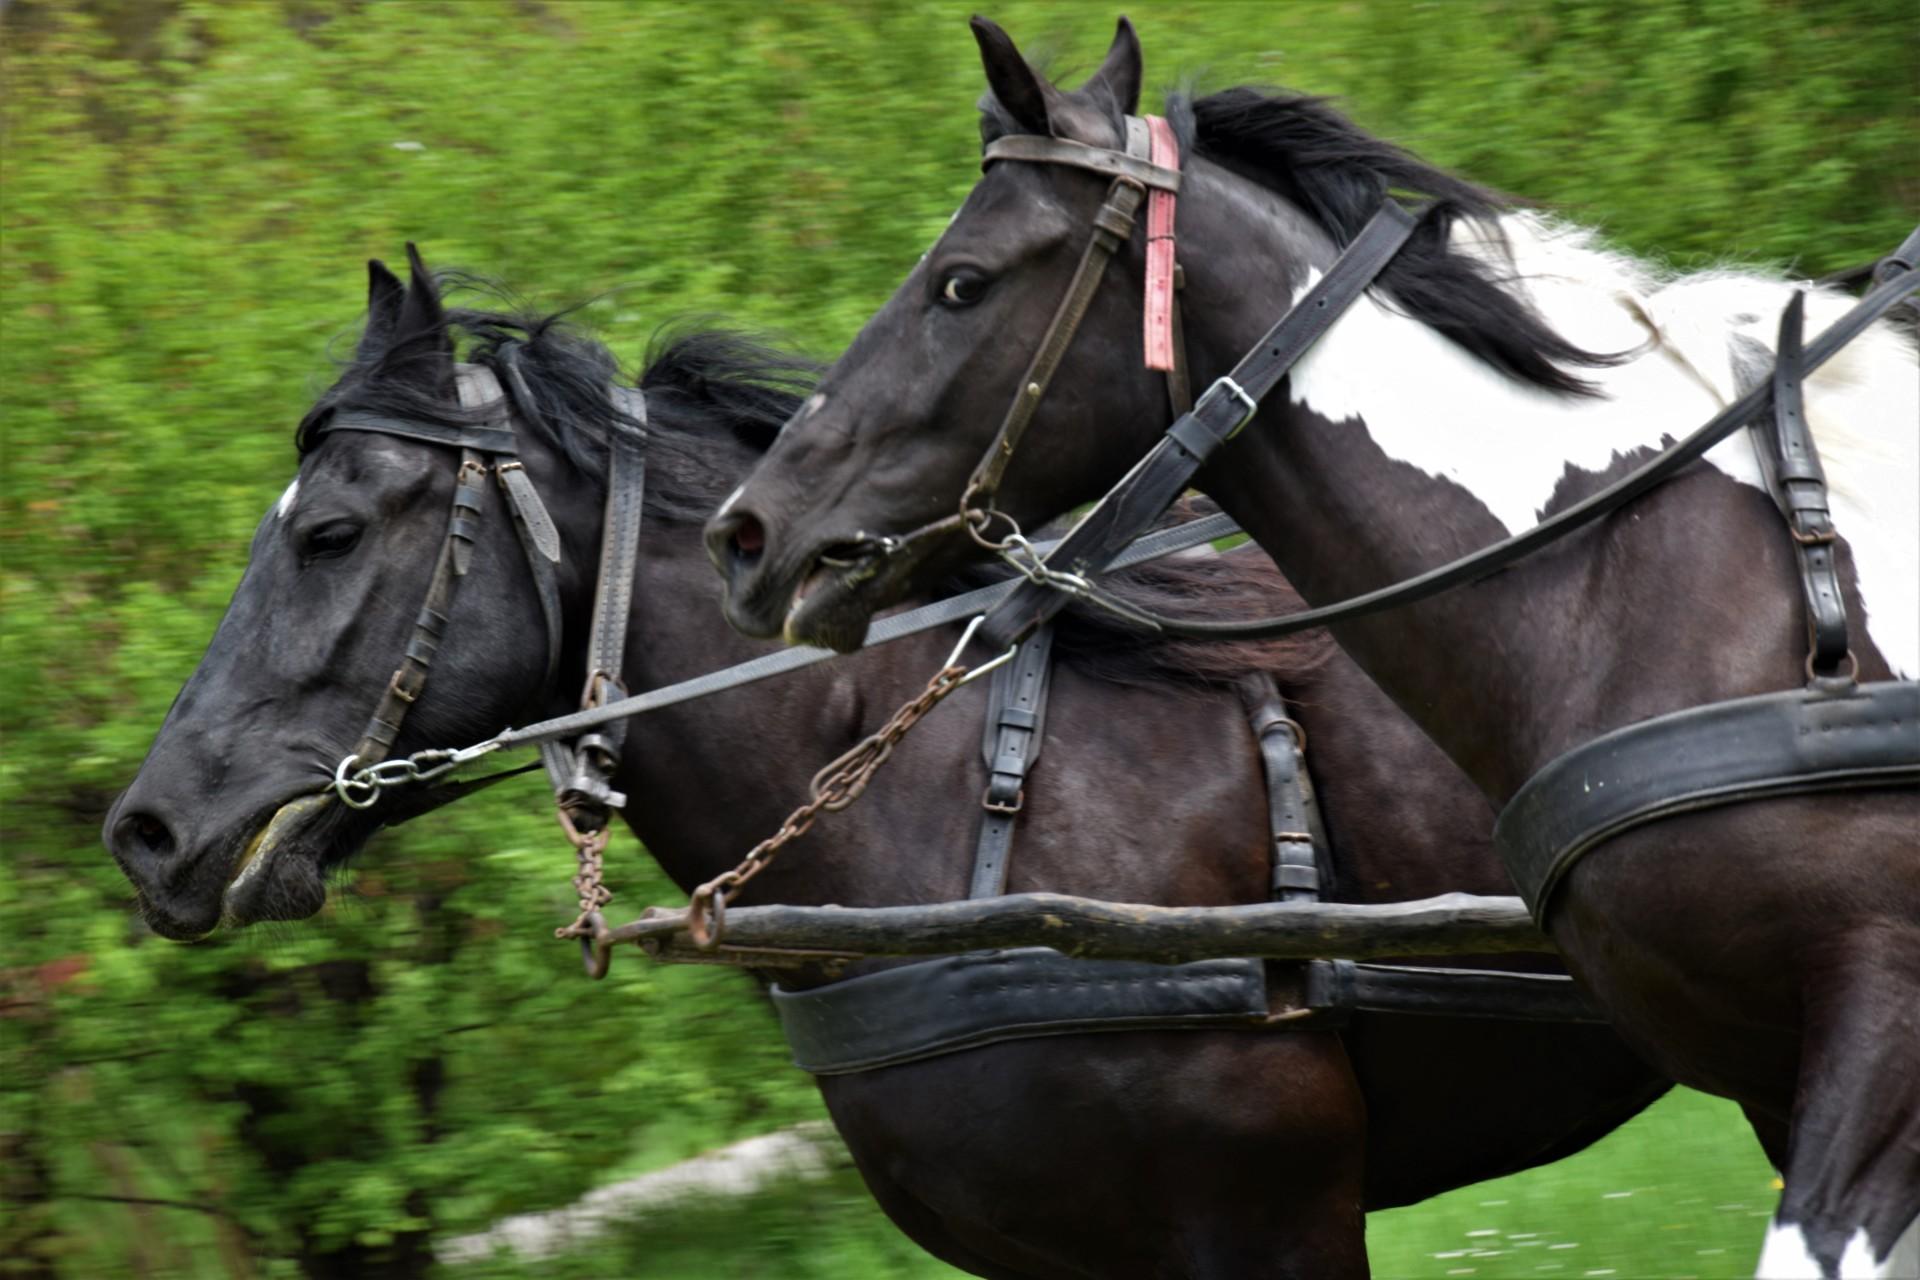 Konie, Kaszuby, Wiśta wio! Zawody w Ostrzycach [FOTOREPORTAŻ] 2